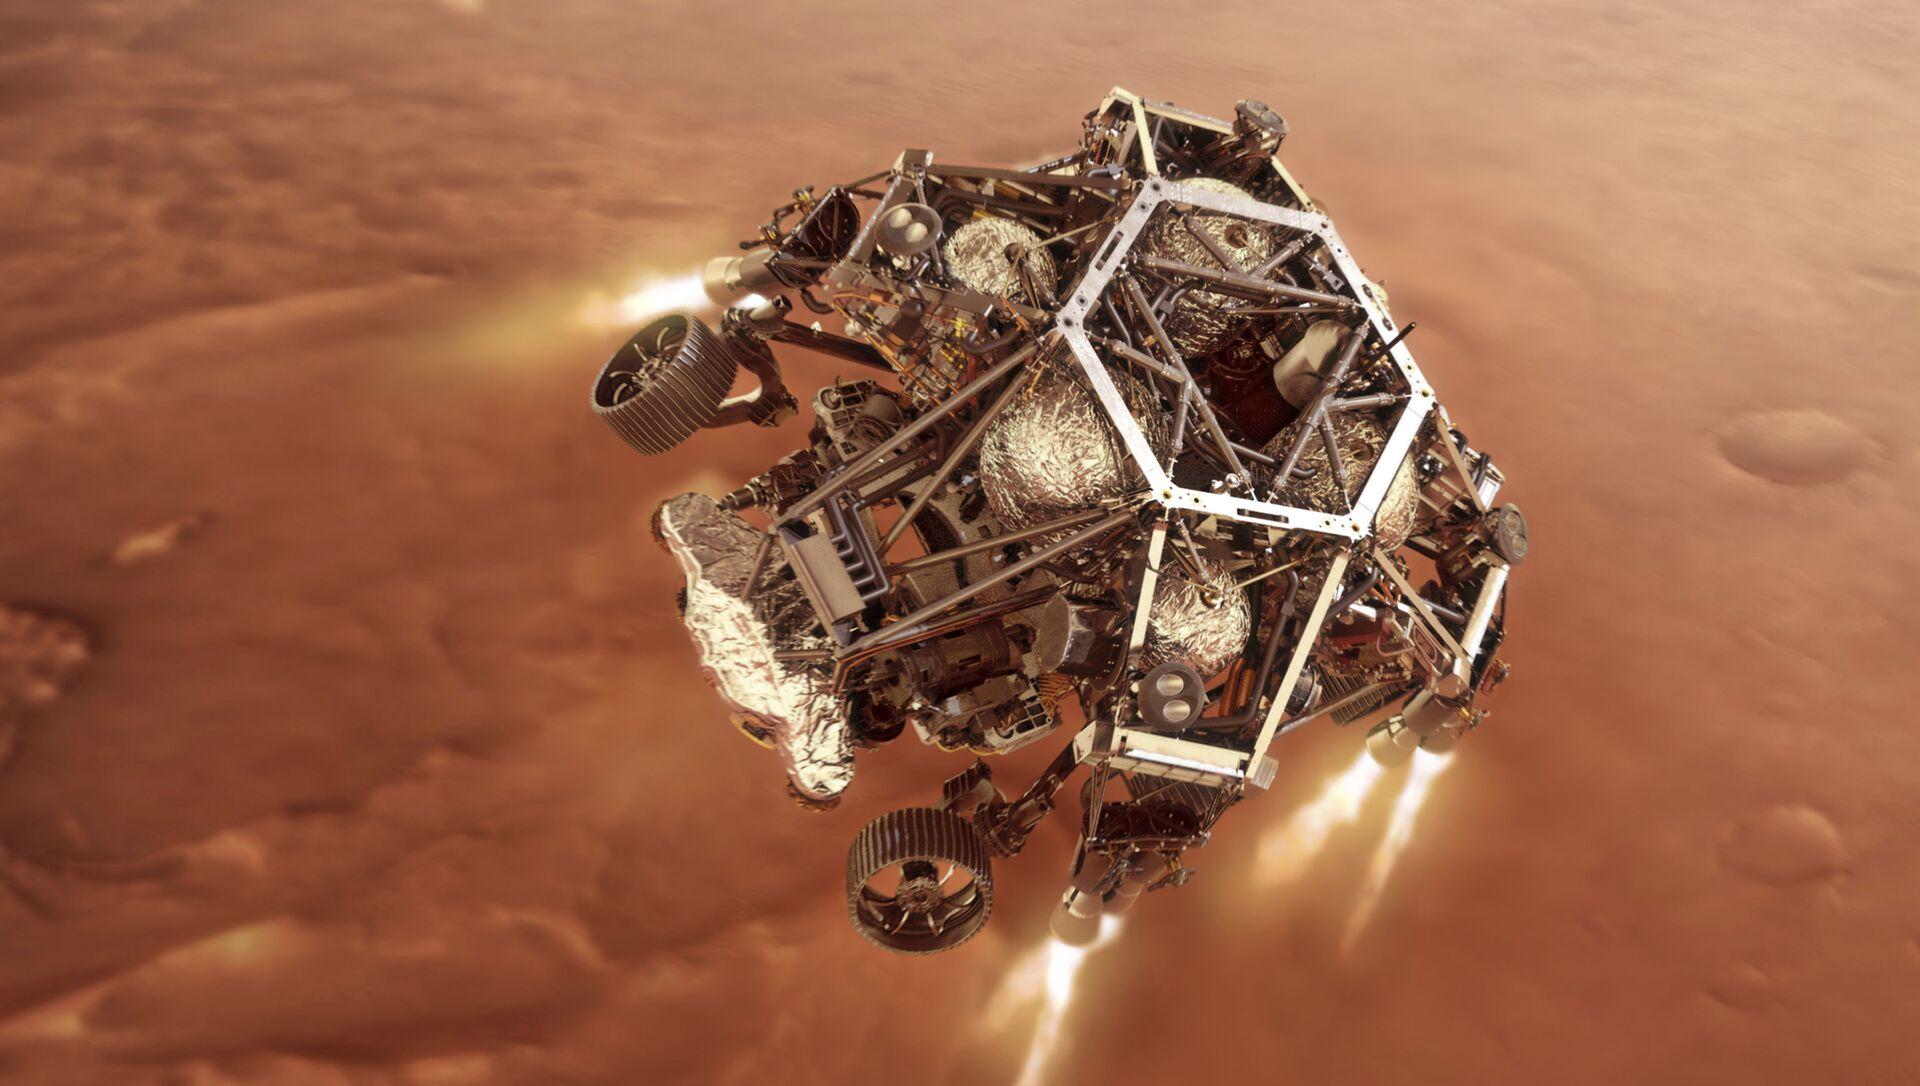 Марсоход Perseverance запускает двигатели ступени спуска по мере приближения к поверхности Марса - Sputnik Беларусь, 1920, 24.02.2021